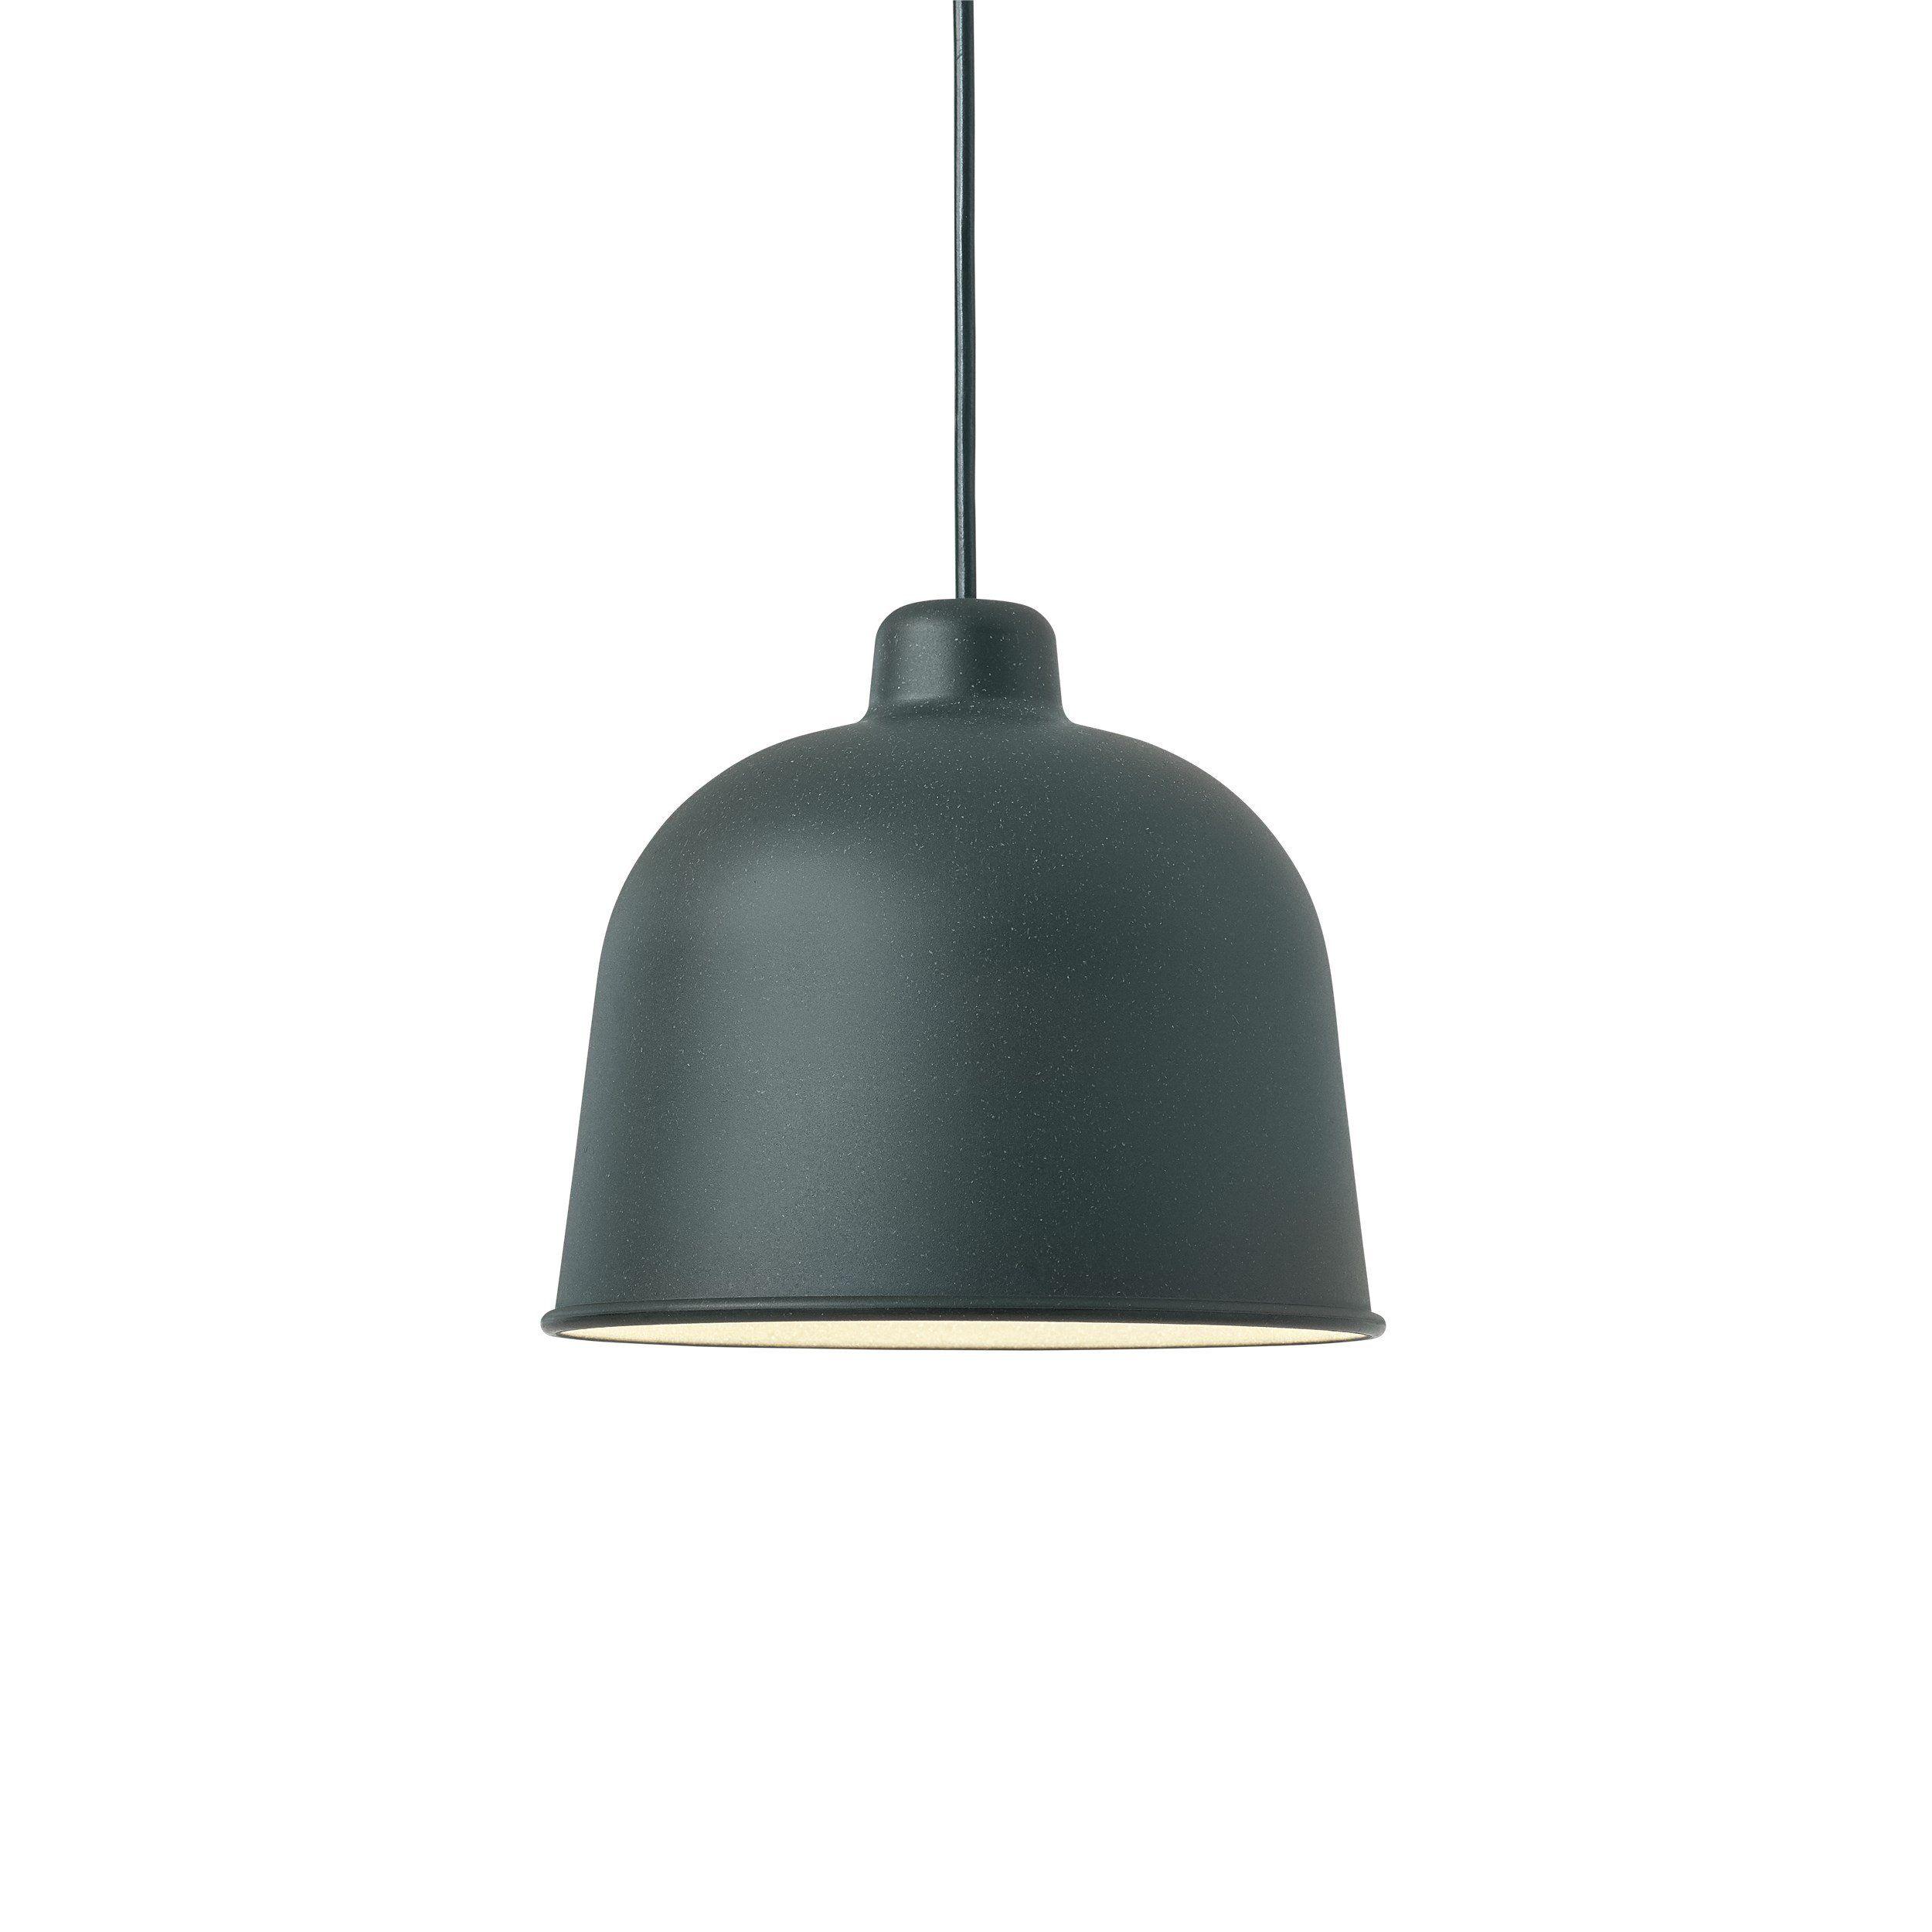 Grain Pendant In 2020 Pendant Light Lamp Led Light Bulb